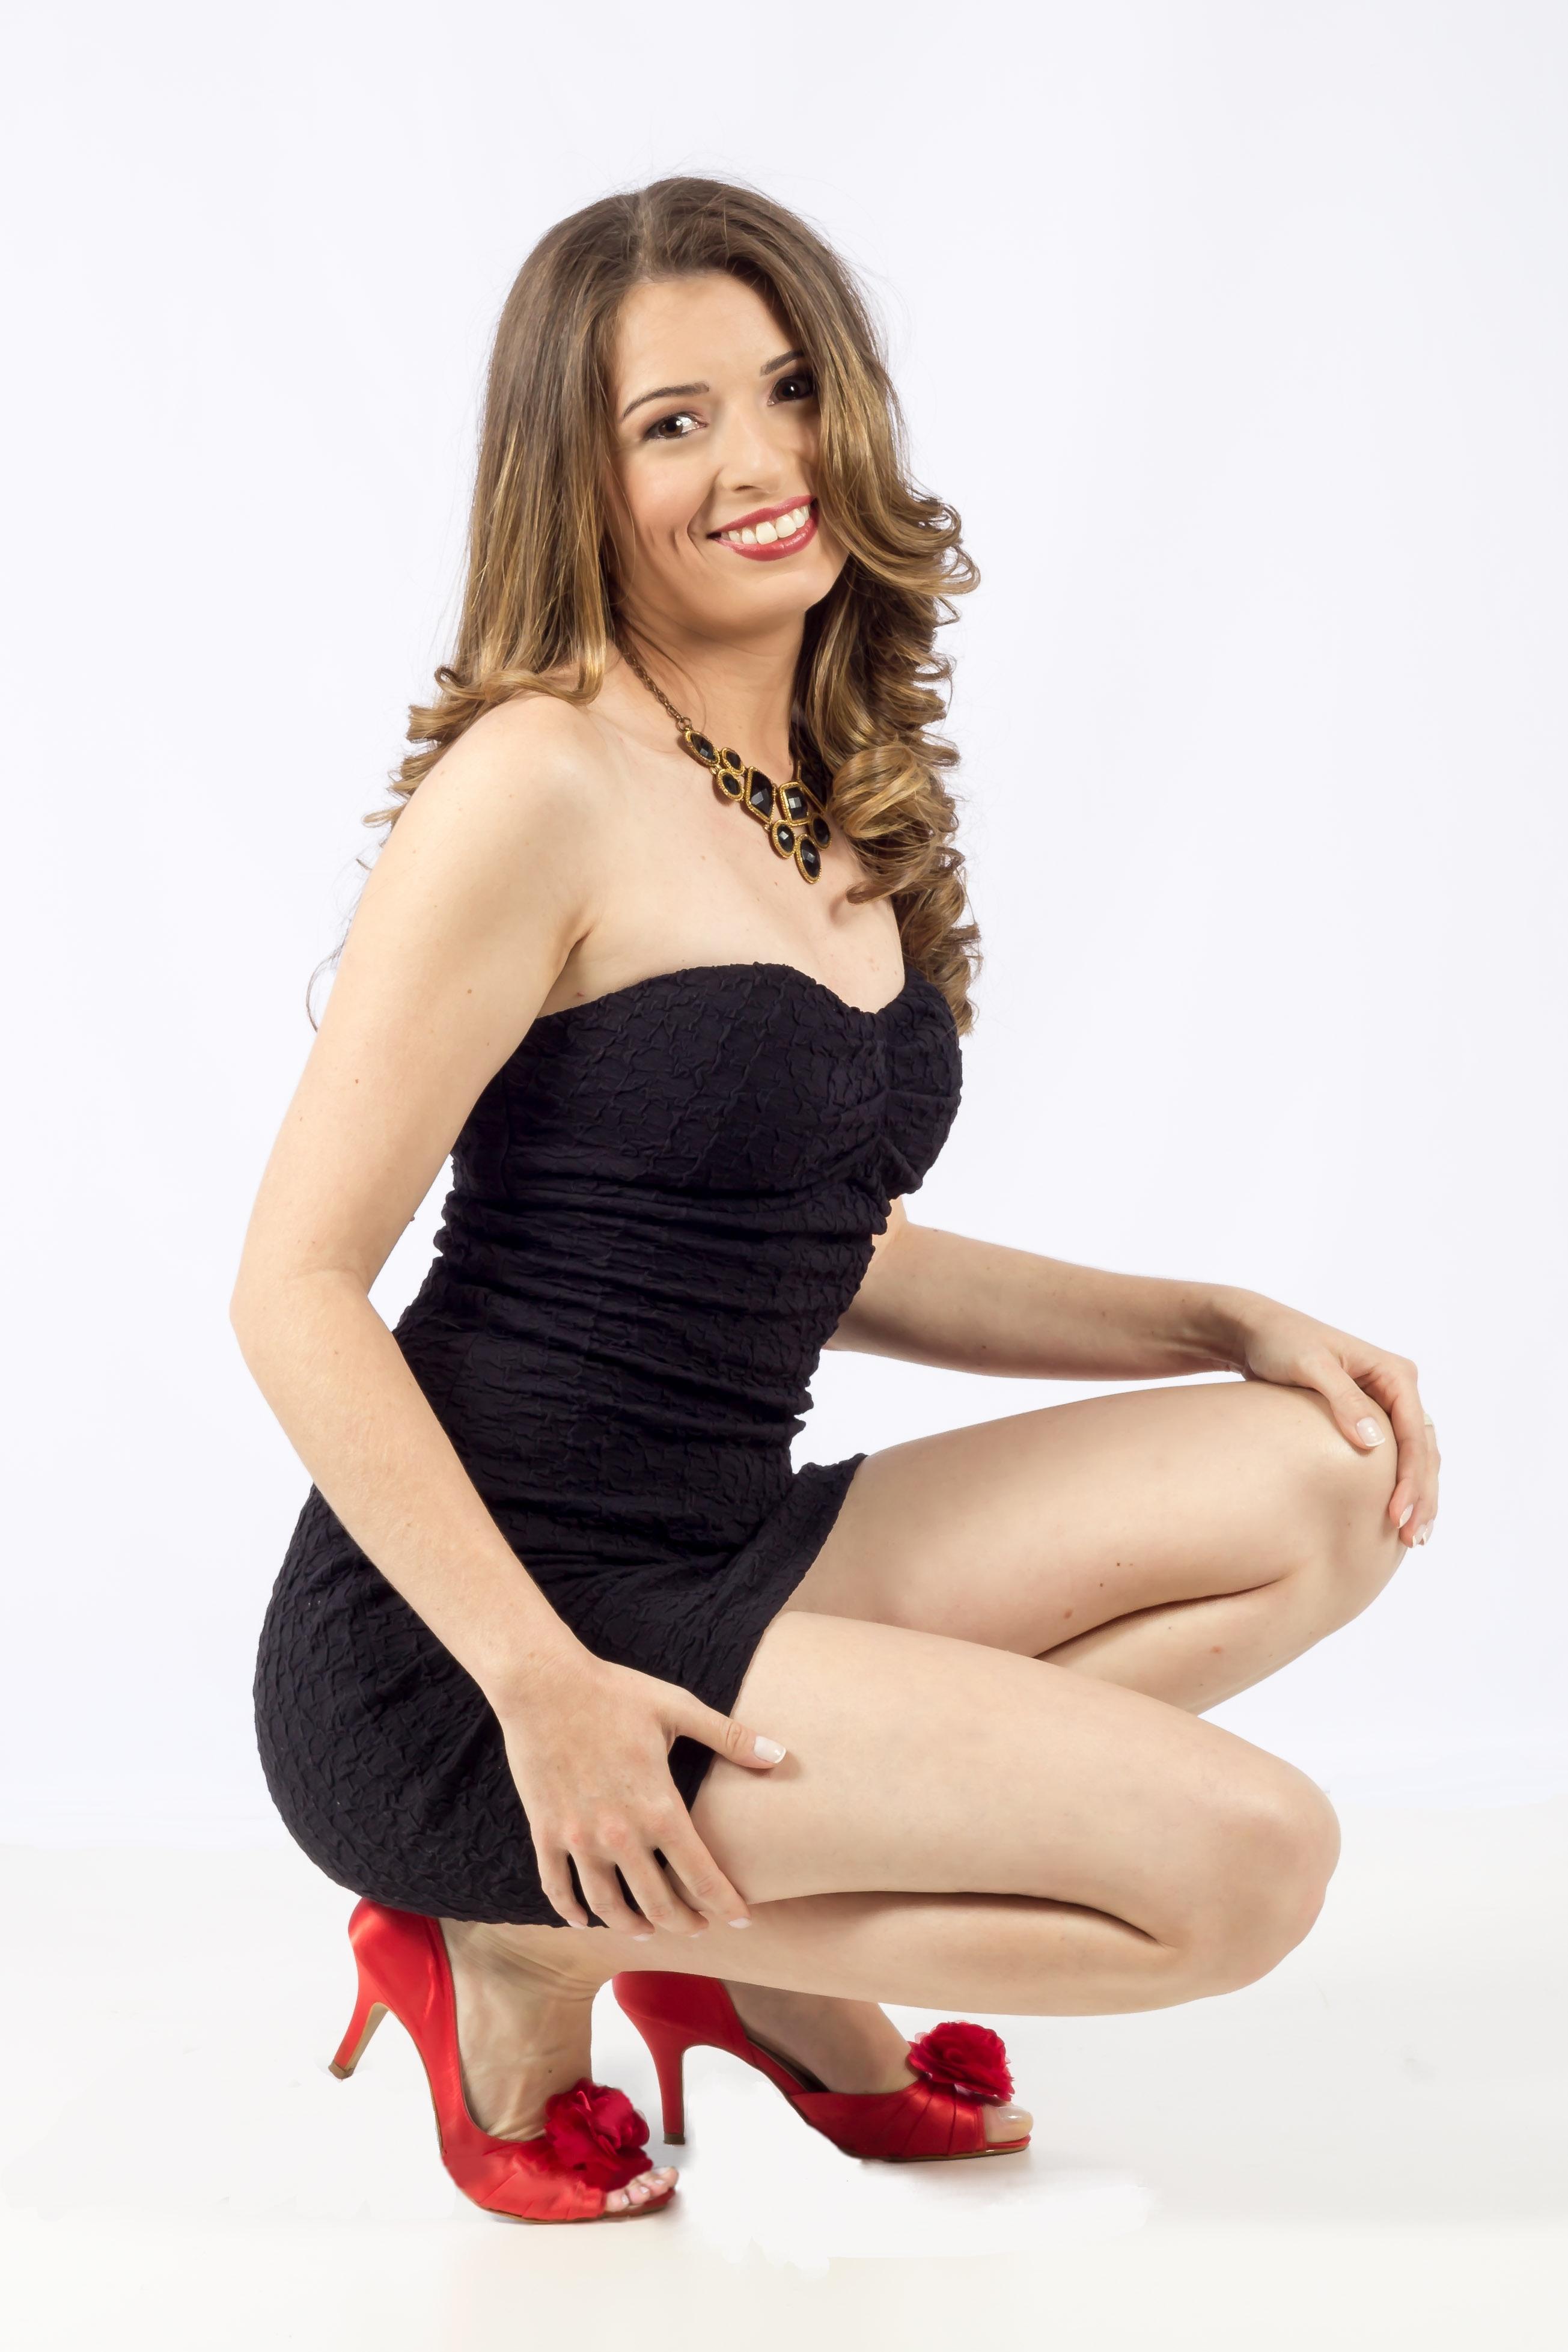 Fabi Pires